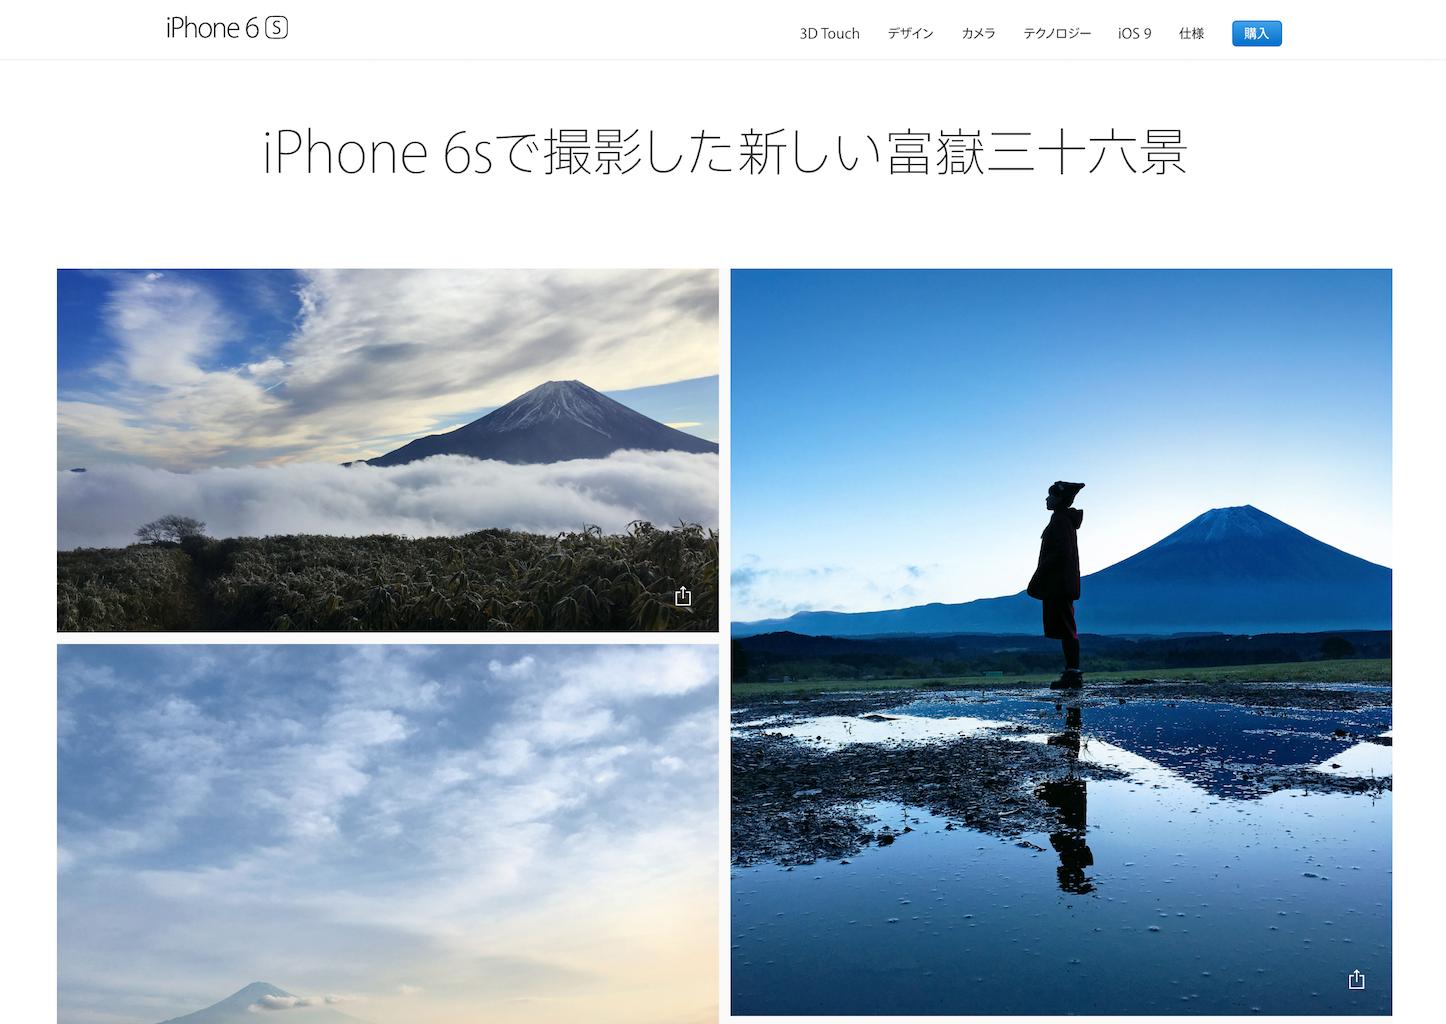 「iPhone 6sで撮影した新しい富嶽三十六景」